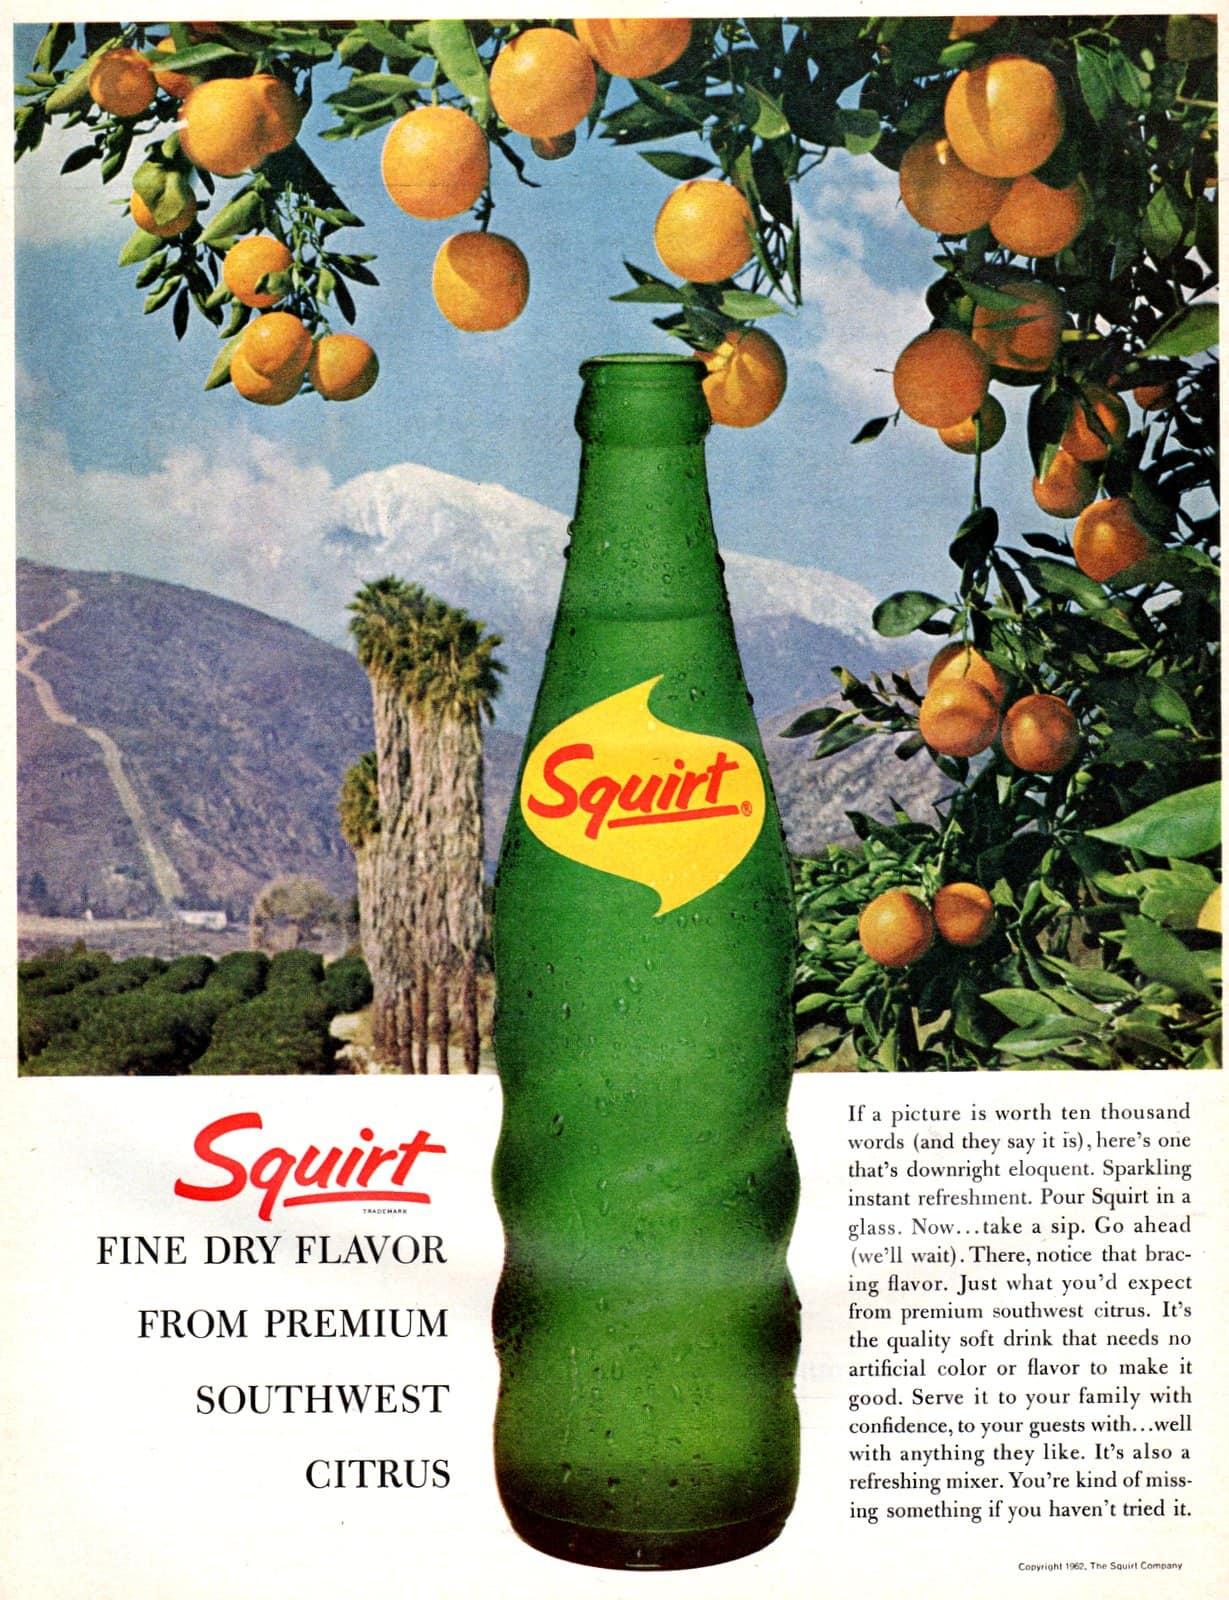 Squirt soda with premium southwest citrus (1965)